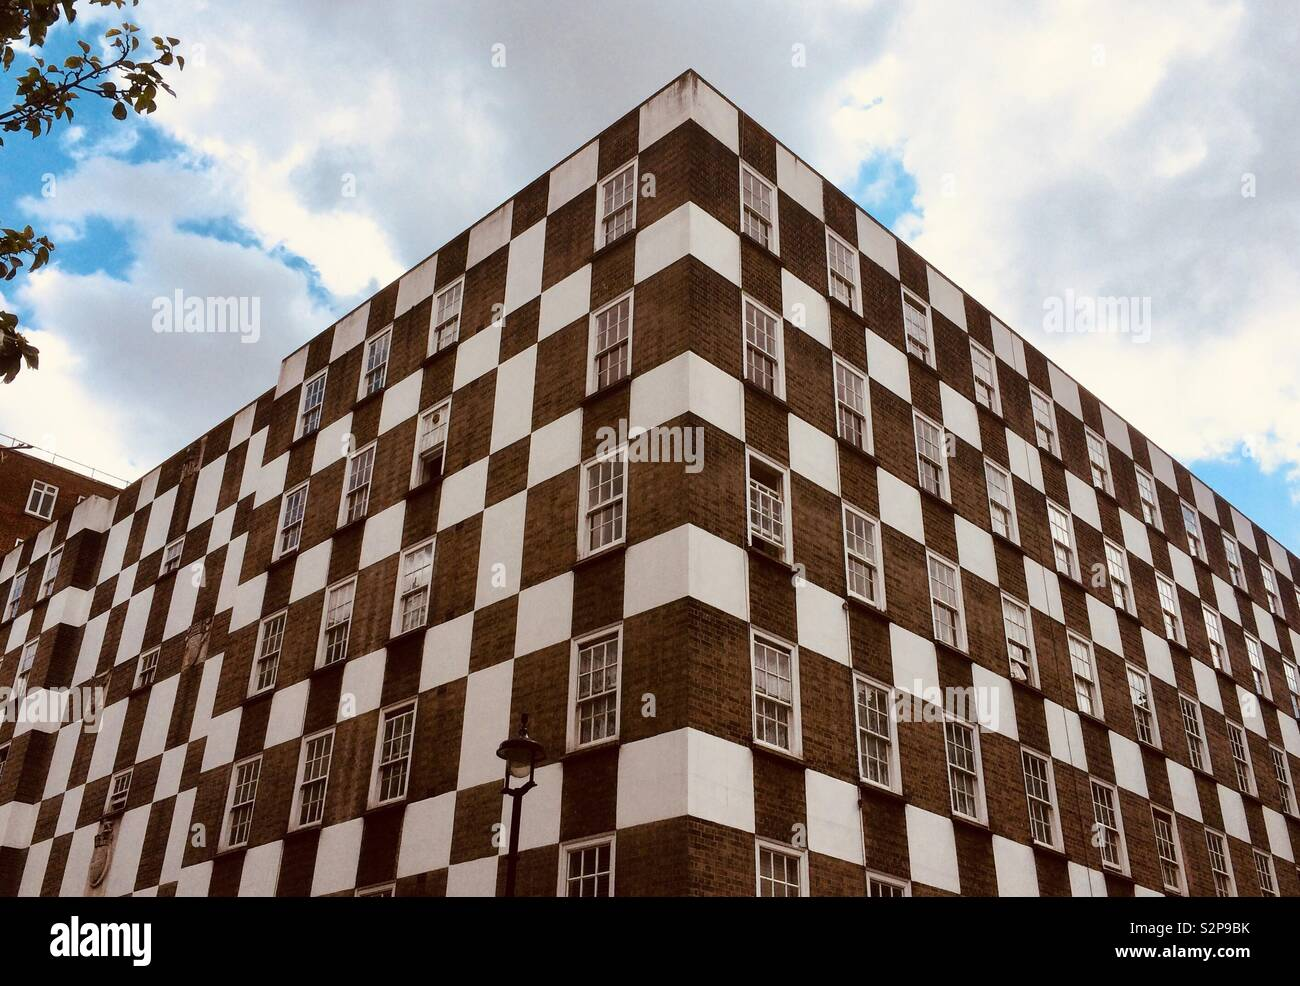 Chequer-Board apartments in Pimlico, London. - Stock Image